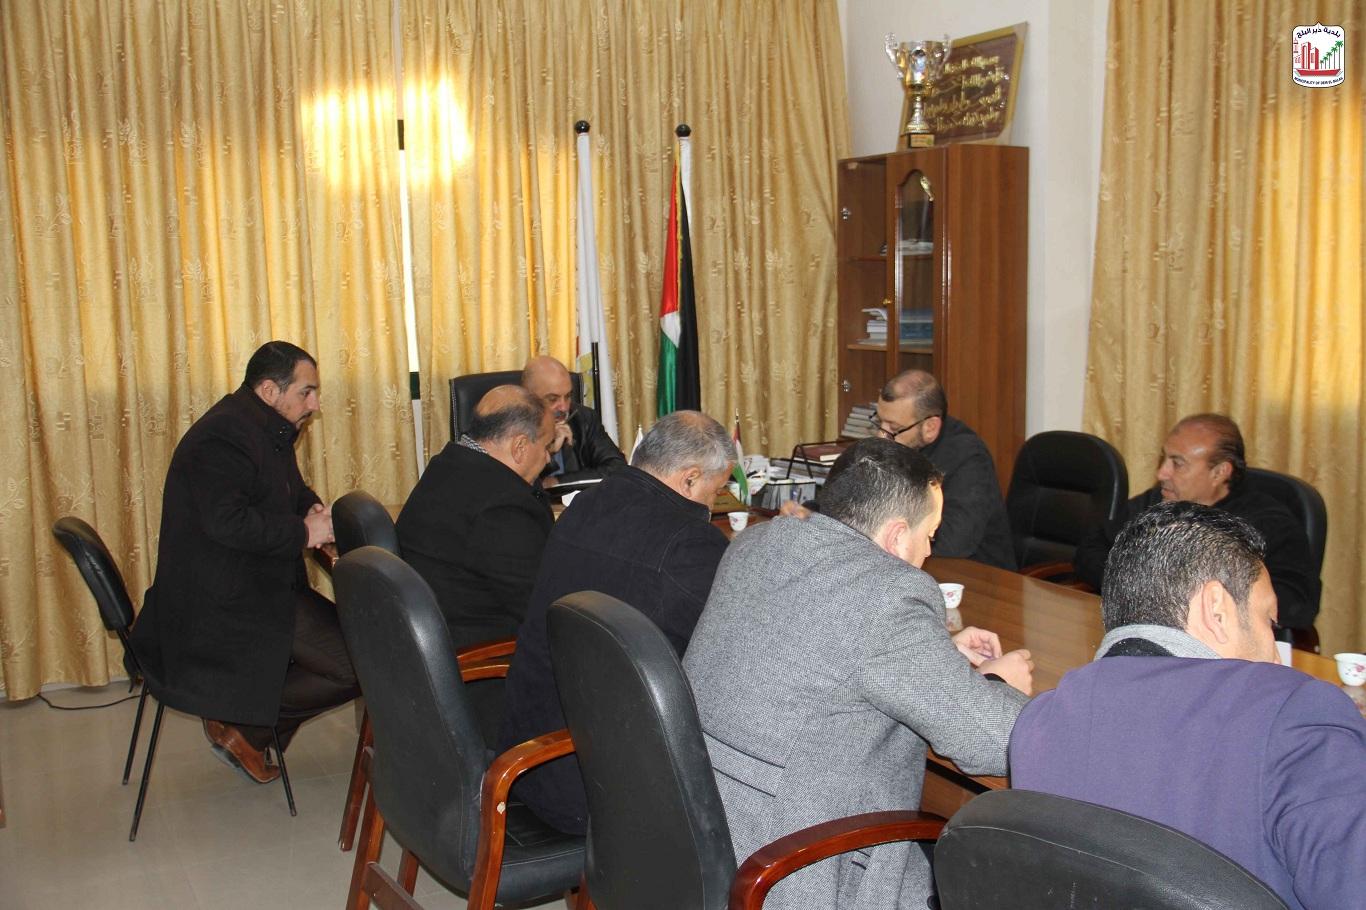 رئيس البلدية يبدأ سلسلة اجتماعاته مع دوائر وأقسام البلدية حيث يتم خلال الاجتماع مناقشة ما تم تنفيذ خ